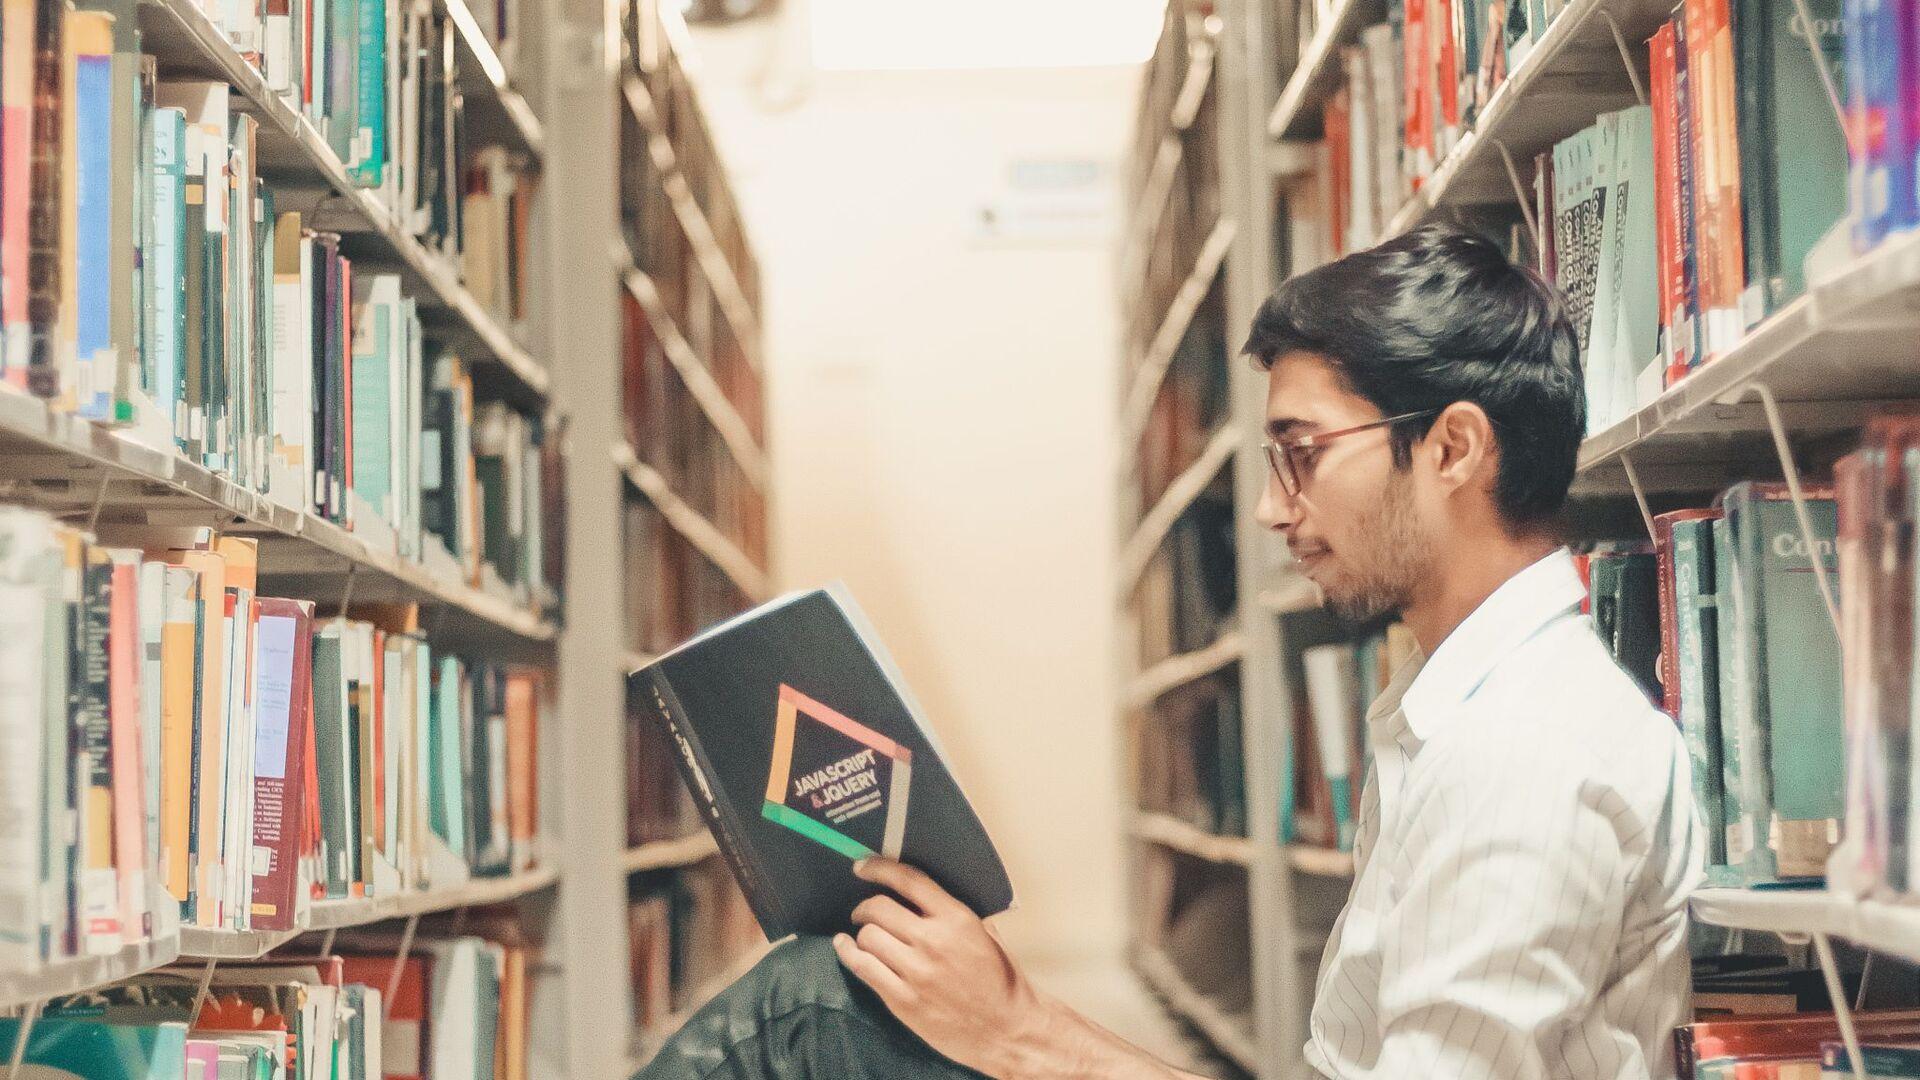 Студент за чтением книги - Sputnik Узбекистан, 1920, 13.09.2021